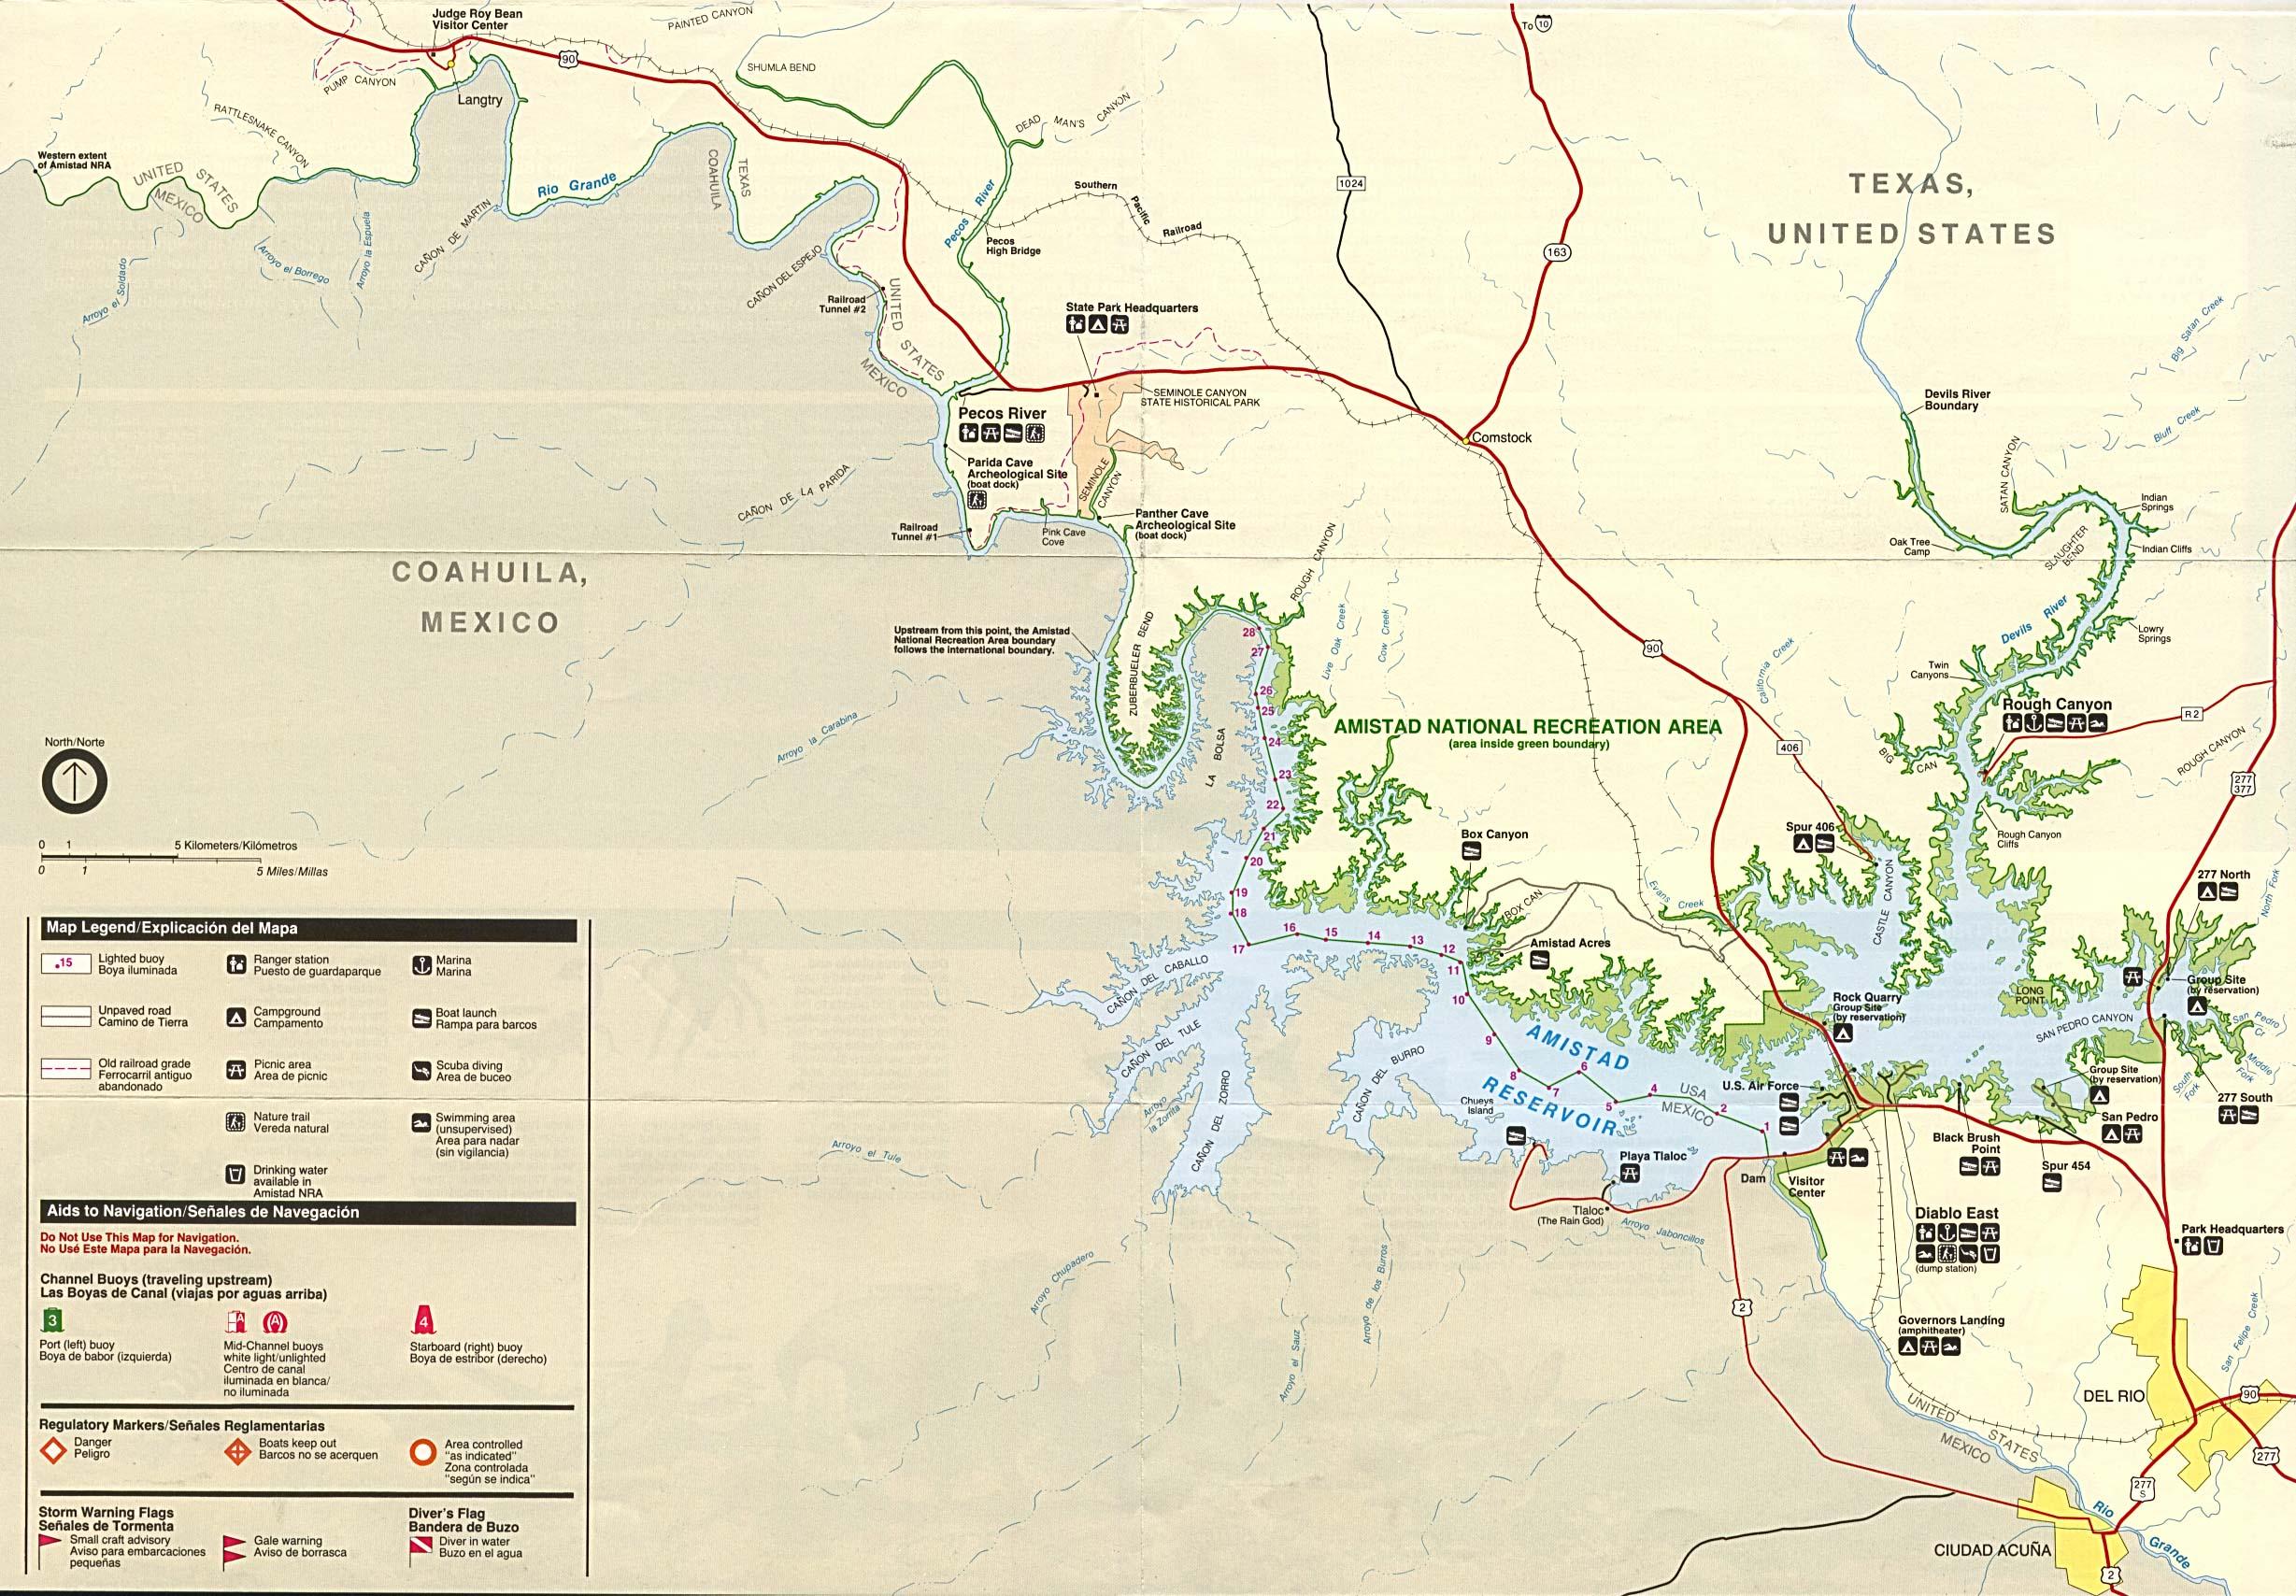 Mapa del Parque del Área Nacional de Recreación de la Presa de la Amistad, Texas, Estados Unidos